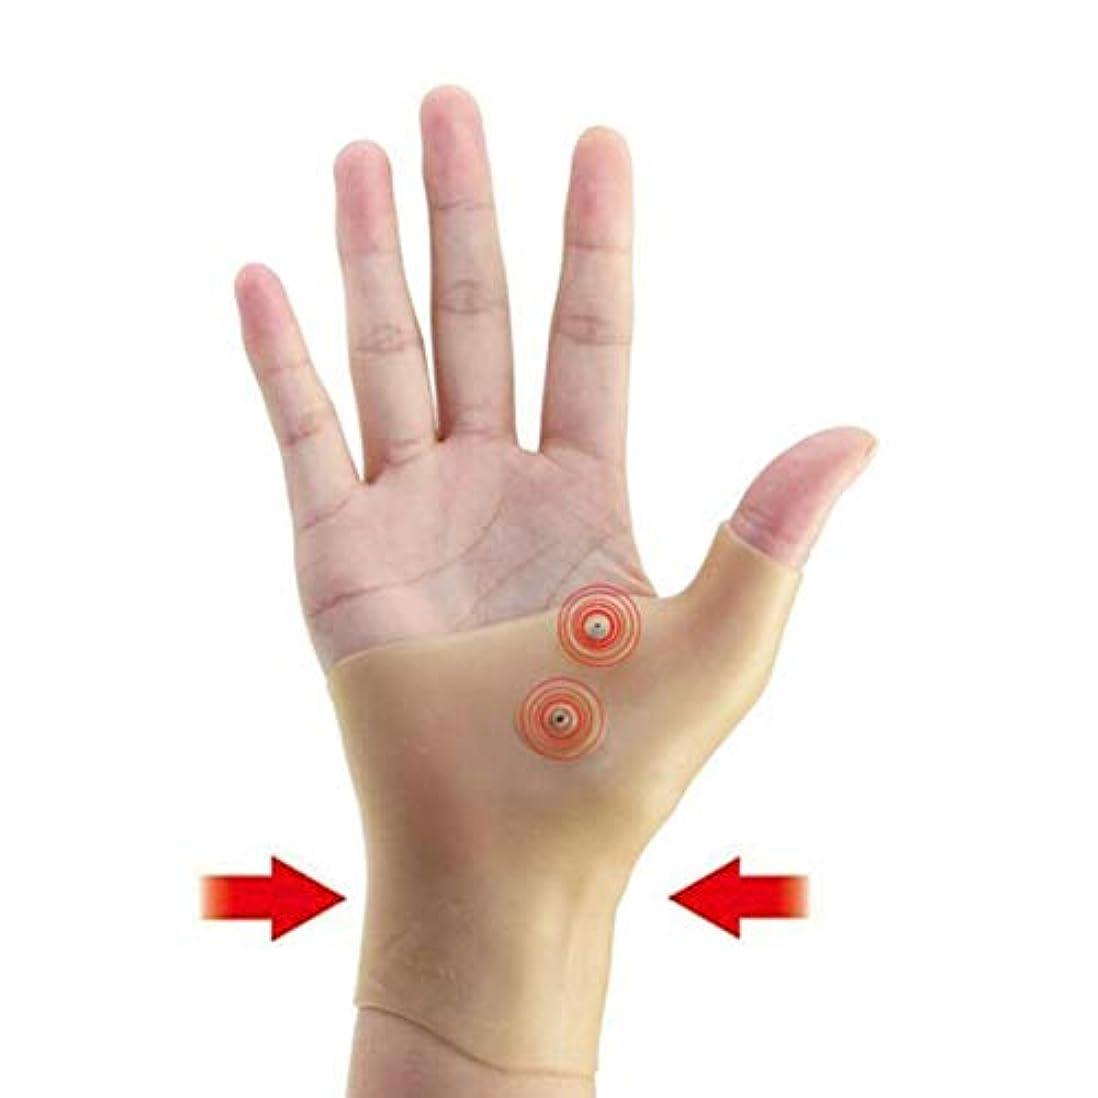 アジャボイコットドナー磁気療法手首手親指サポート手袋シリコーンゲル関節炎圧力矯正器マッサージ痛み緩和手袋 - 肌の色